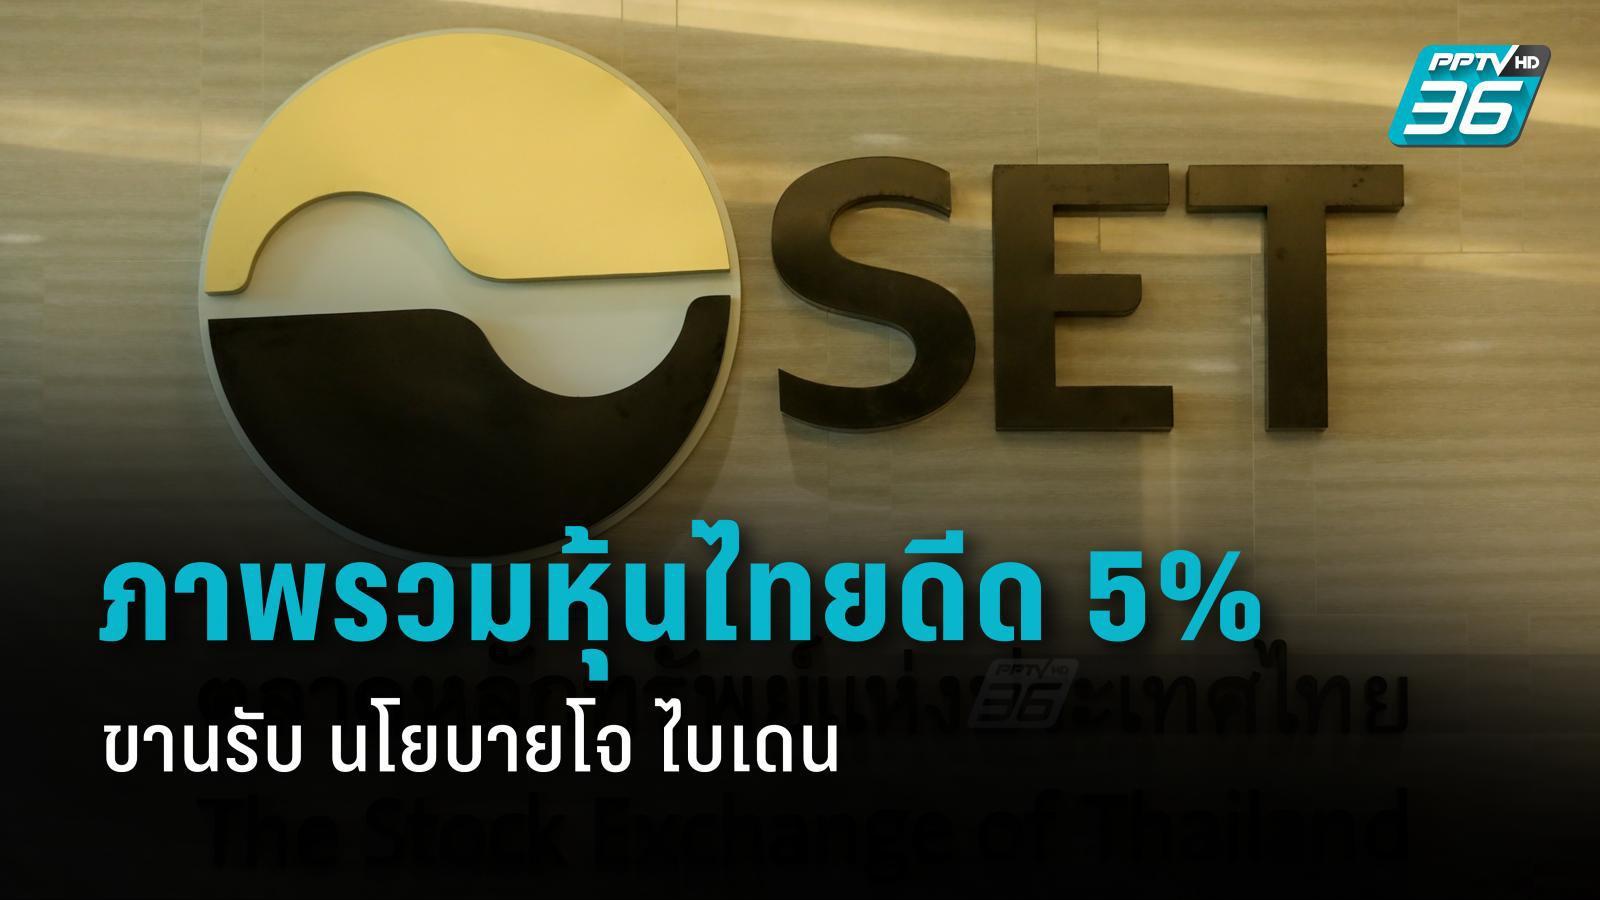 หุ้นไทย (9 พ.ย.63) ปิดช่วงบ่ายเพิ่มขึ้น 25.80 จุด ตลาดหลักทรัพย์ เผย หุ้นไทยดีด 5% ขานรับโจ ไบเดน